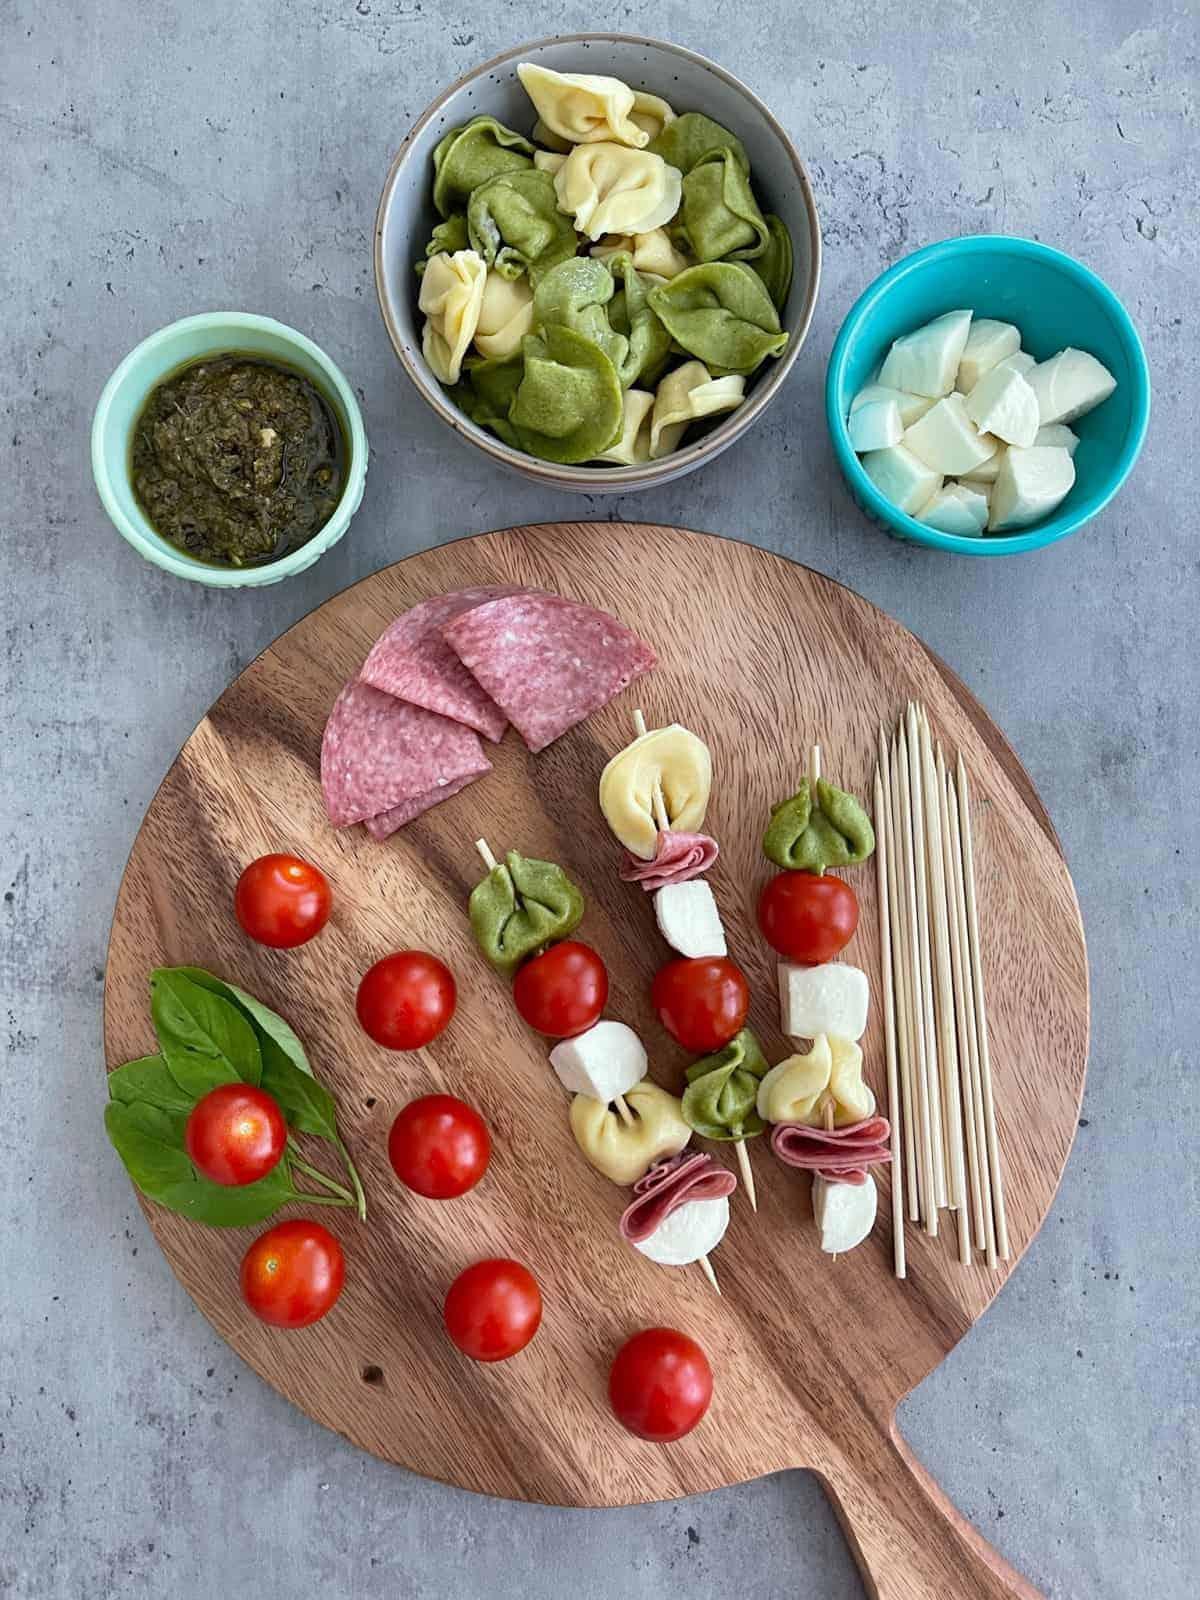 Best Antipasti Tortellini Skewers